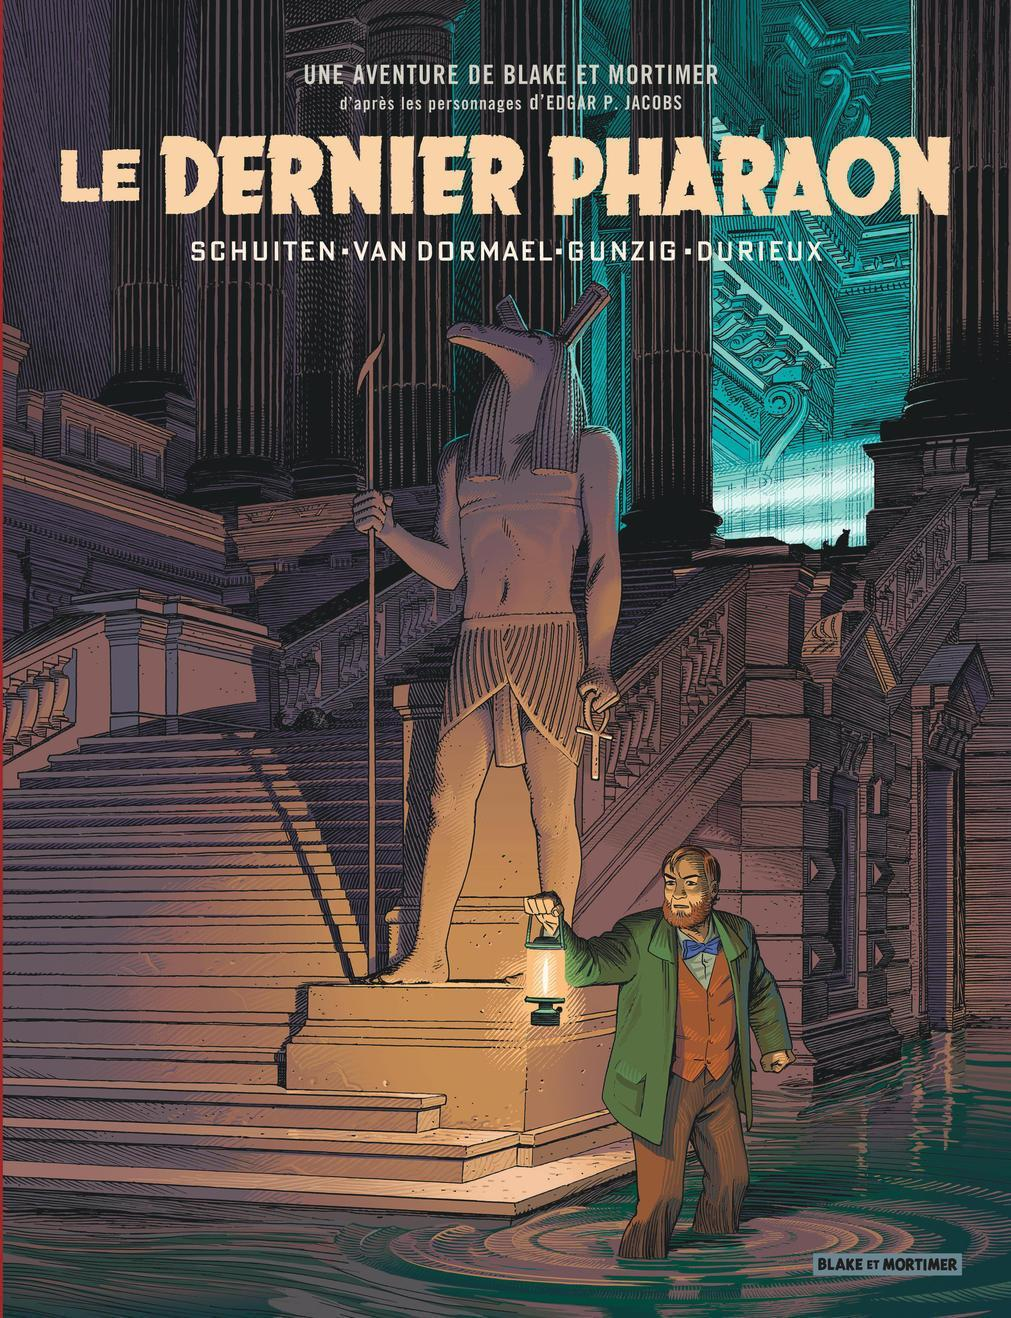 Le dernier pharaon © éditions Blake et Mortimer